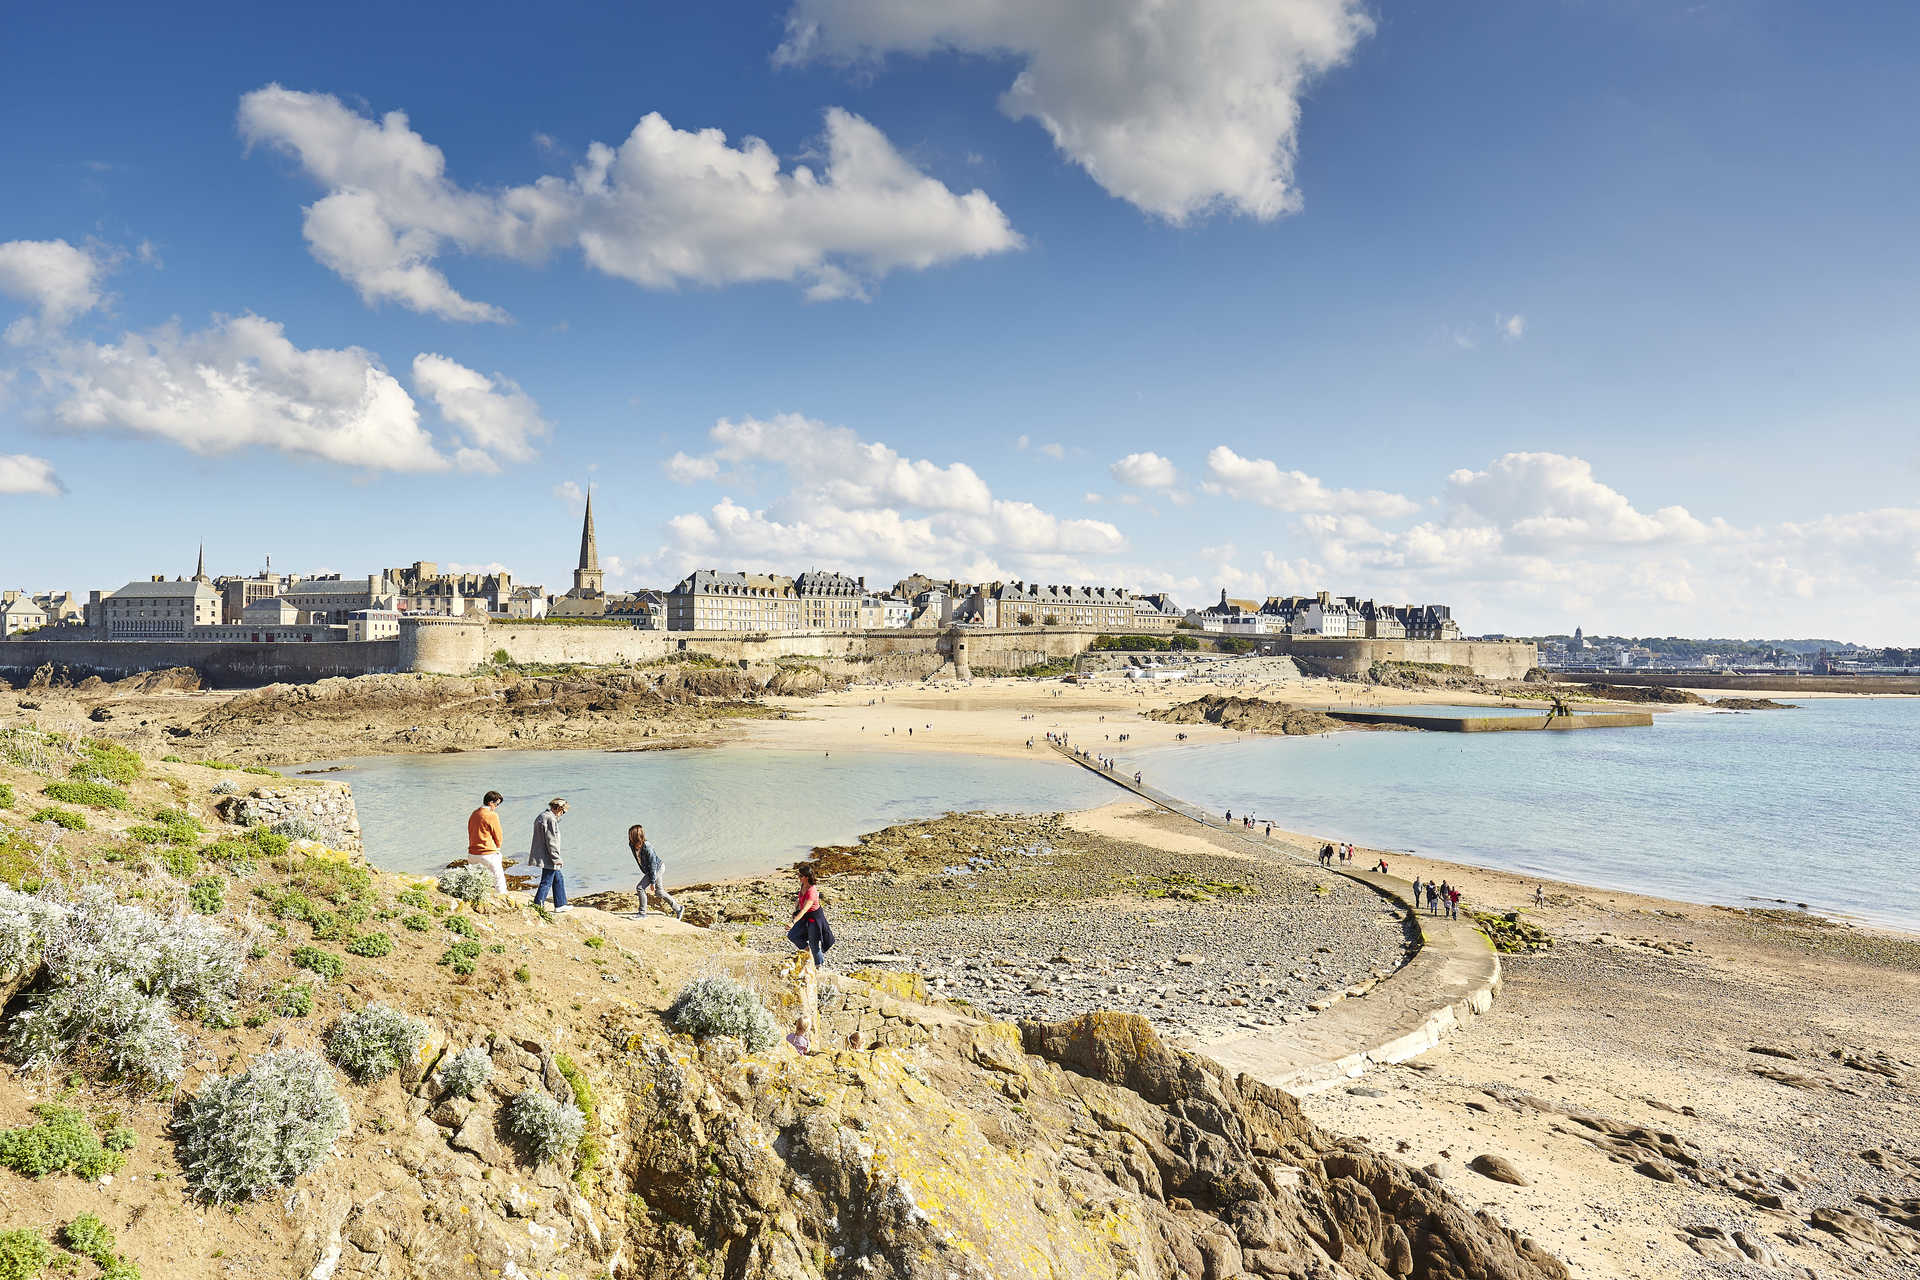 Marche pour rejoindre la ville fortifiée de Saint Malo